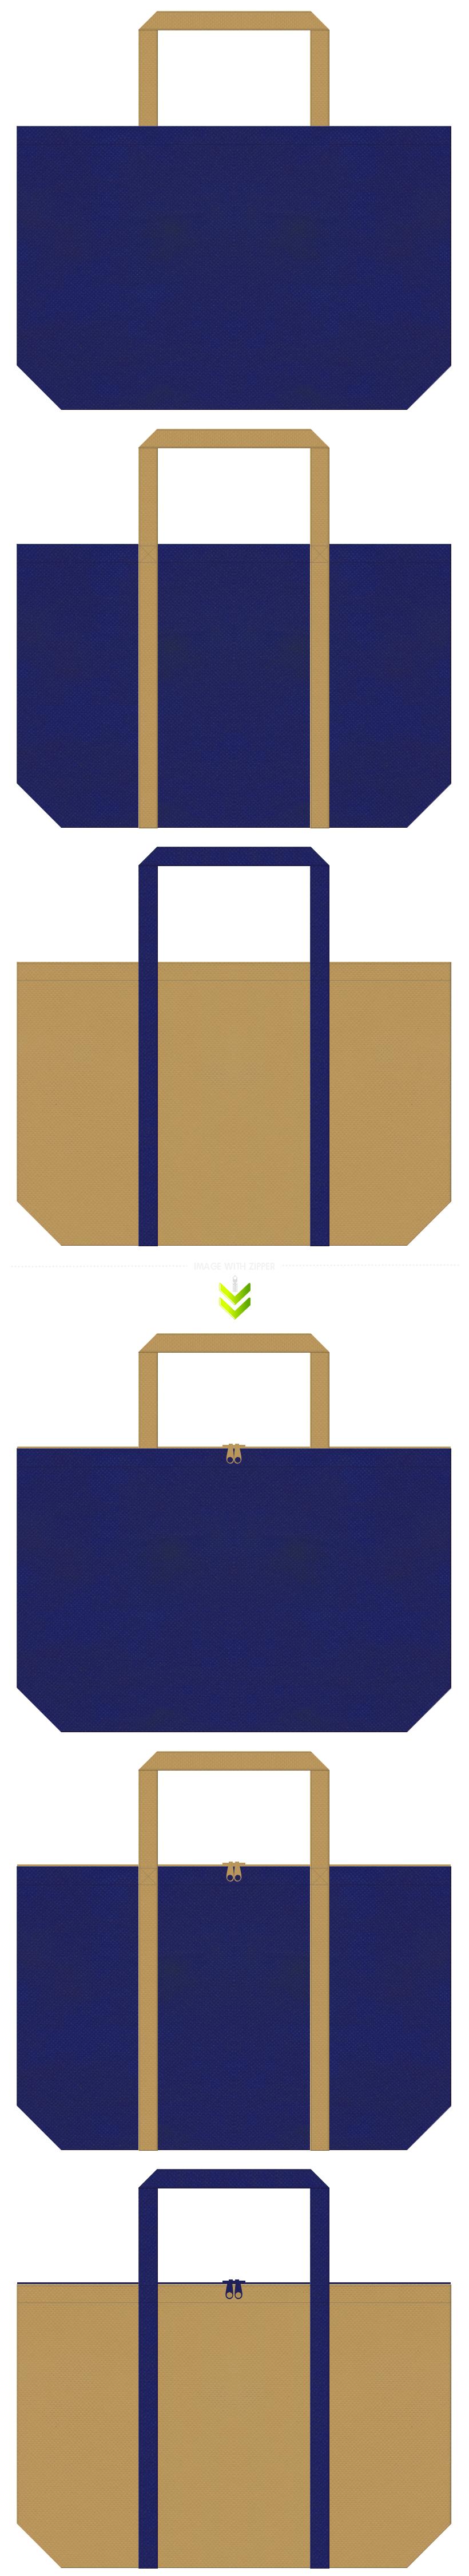 明るい紺色と金黄土色の不織布ショッピングバッグのデザイン